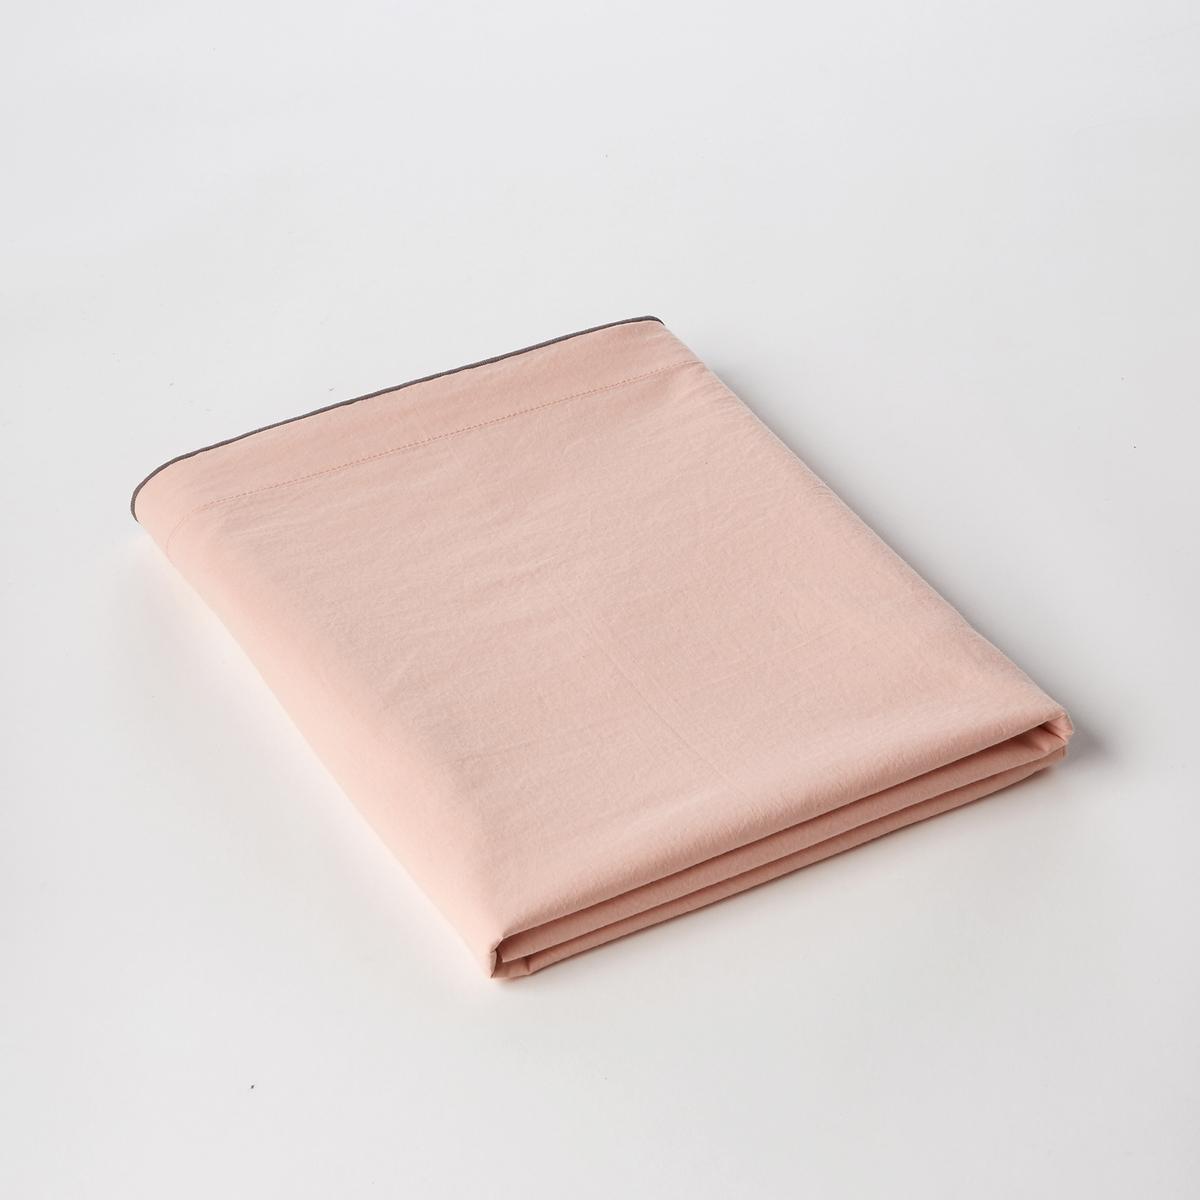 Простыня из хлопковой вуали, GypseХлопковая вуаль. Очень мягкий, воздушный и нежный материал. С легким эффектом блеска. Ткань с легким жатым эффектом. Не требует глажки.Состав :- Вуаль, 100% хлопокОтделка :- Контрастная рельефная вышивка серого цветаУход :- Машинная стирка при 40 °С. Размеры:180 x 290 см  : 1-сп.240 x 300 см : 2-сп.270 x 310 см : 2-сп.Знак Oeko-Tex® гарантирует, что товары прошли проверку и были изготовлены без применения вредных для здоровья человека веществ.<br><br>Цвет: кремовый,розовая пудра